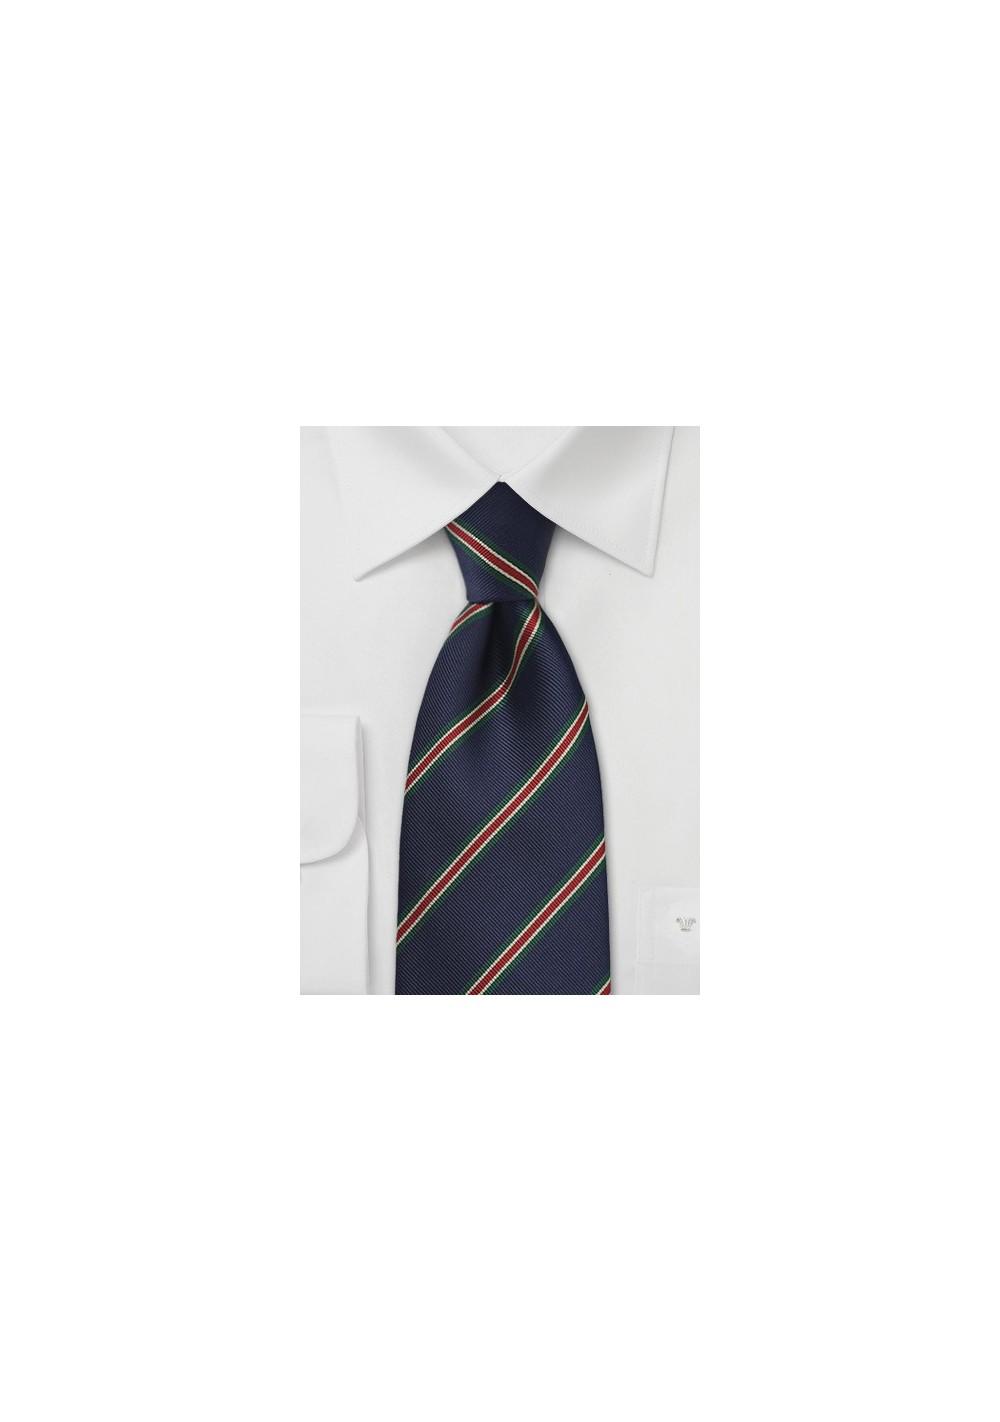 XL British Striped Tie in Navy